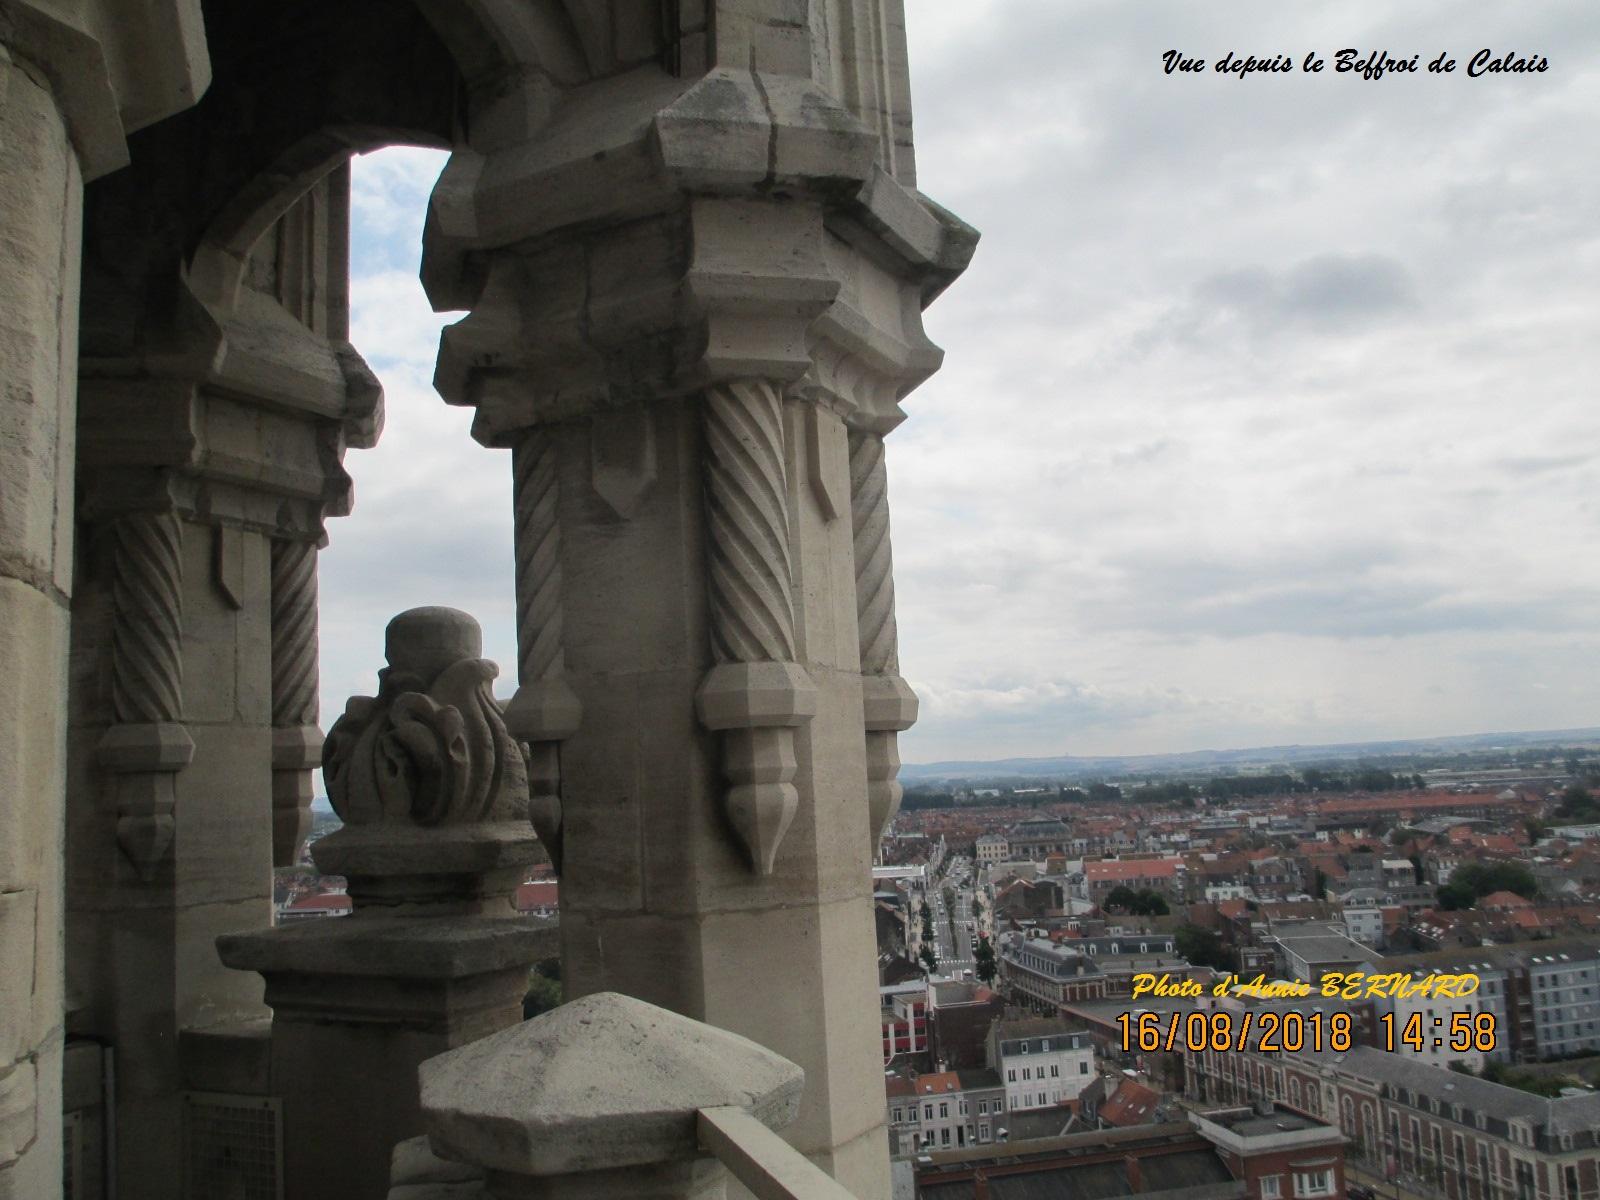 Calais vu d'en haut